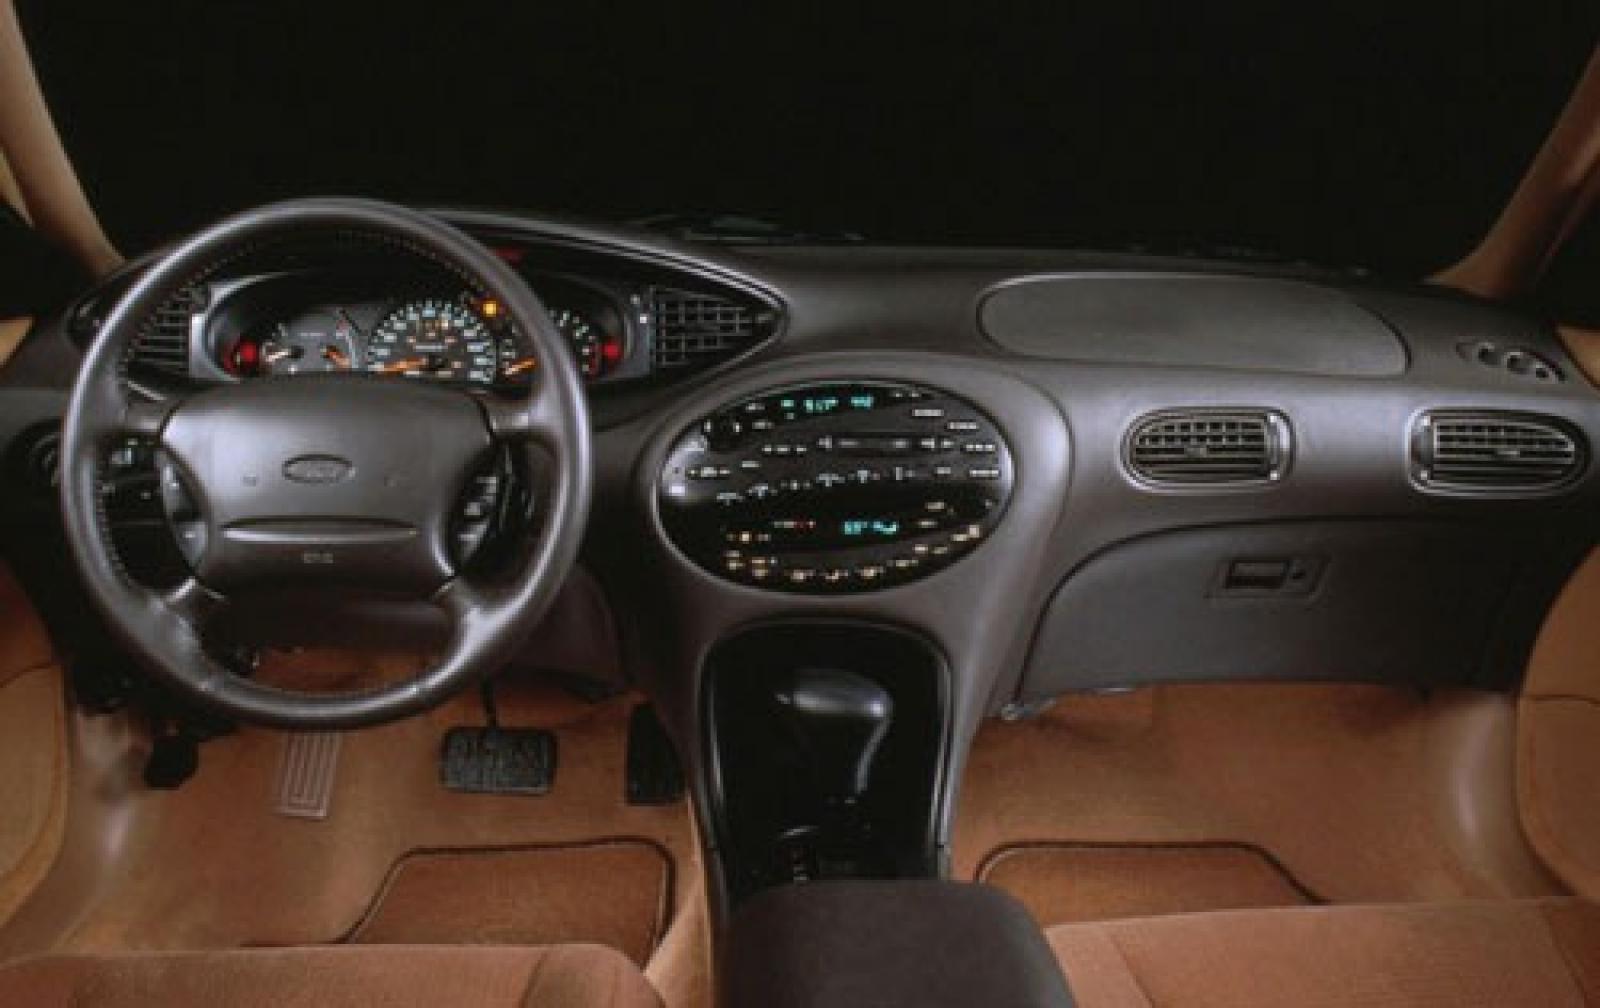 800 1024 1280 1600 origin 1999 Ford Taurus ...